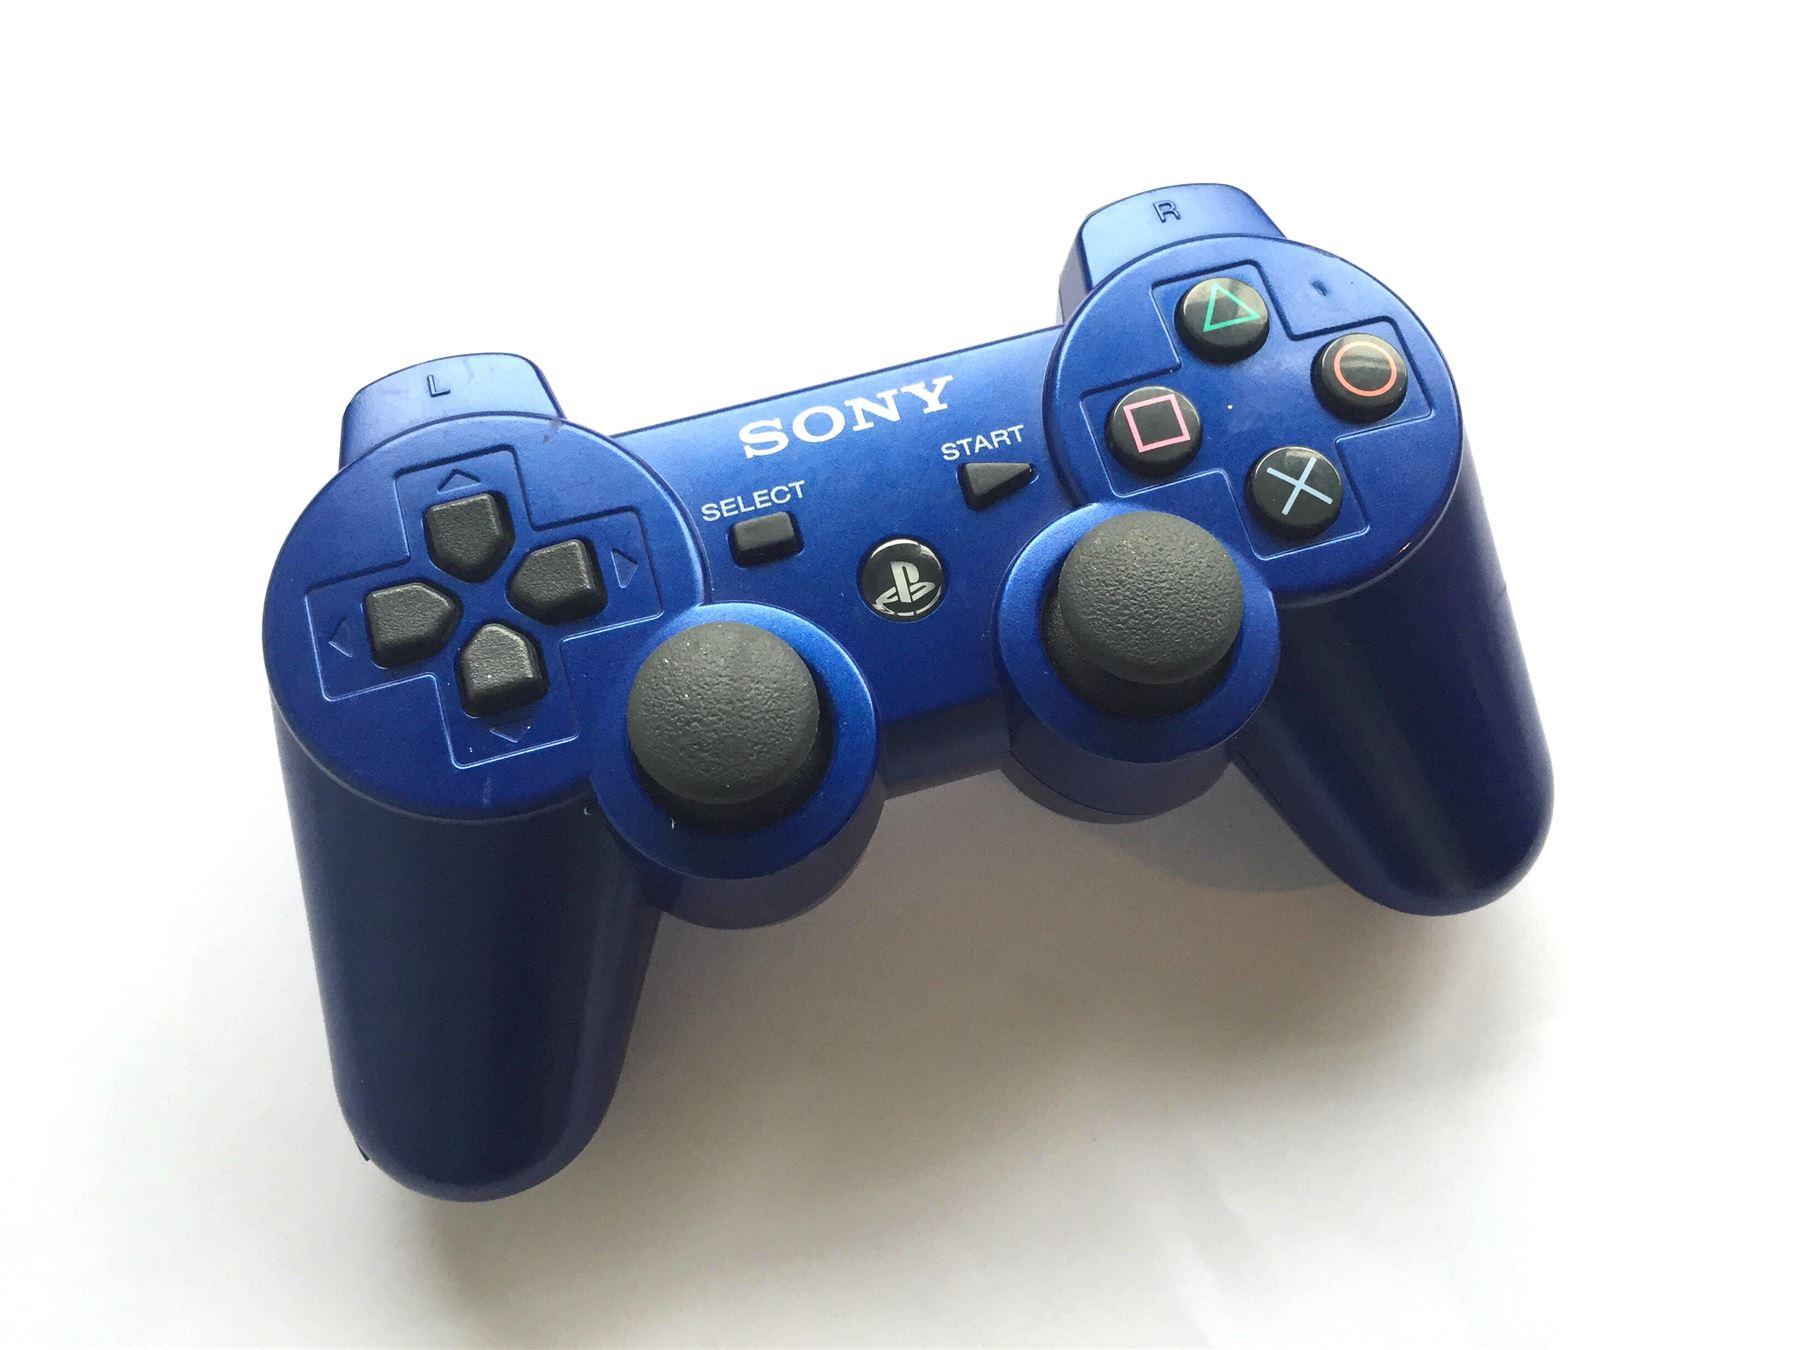 Official Genuine Original Sony Dual Shock 3 PS3 Controller Blue | eBay